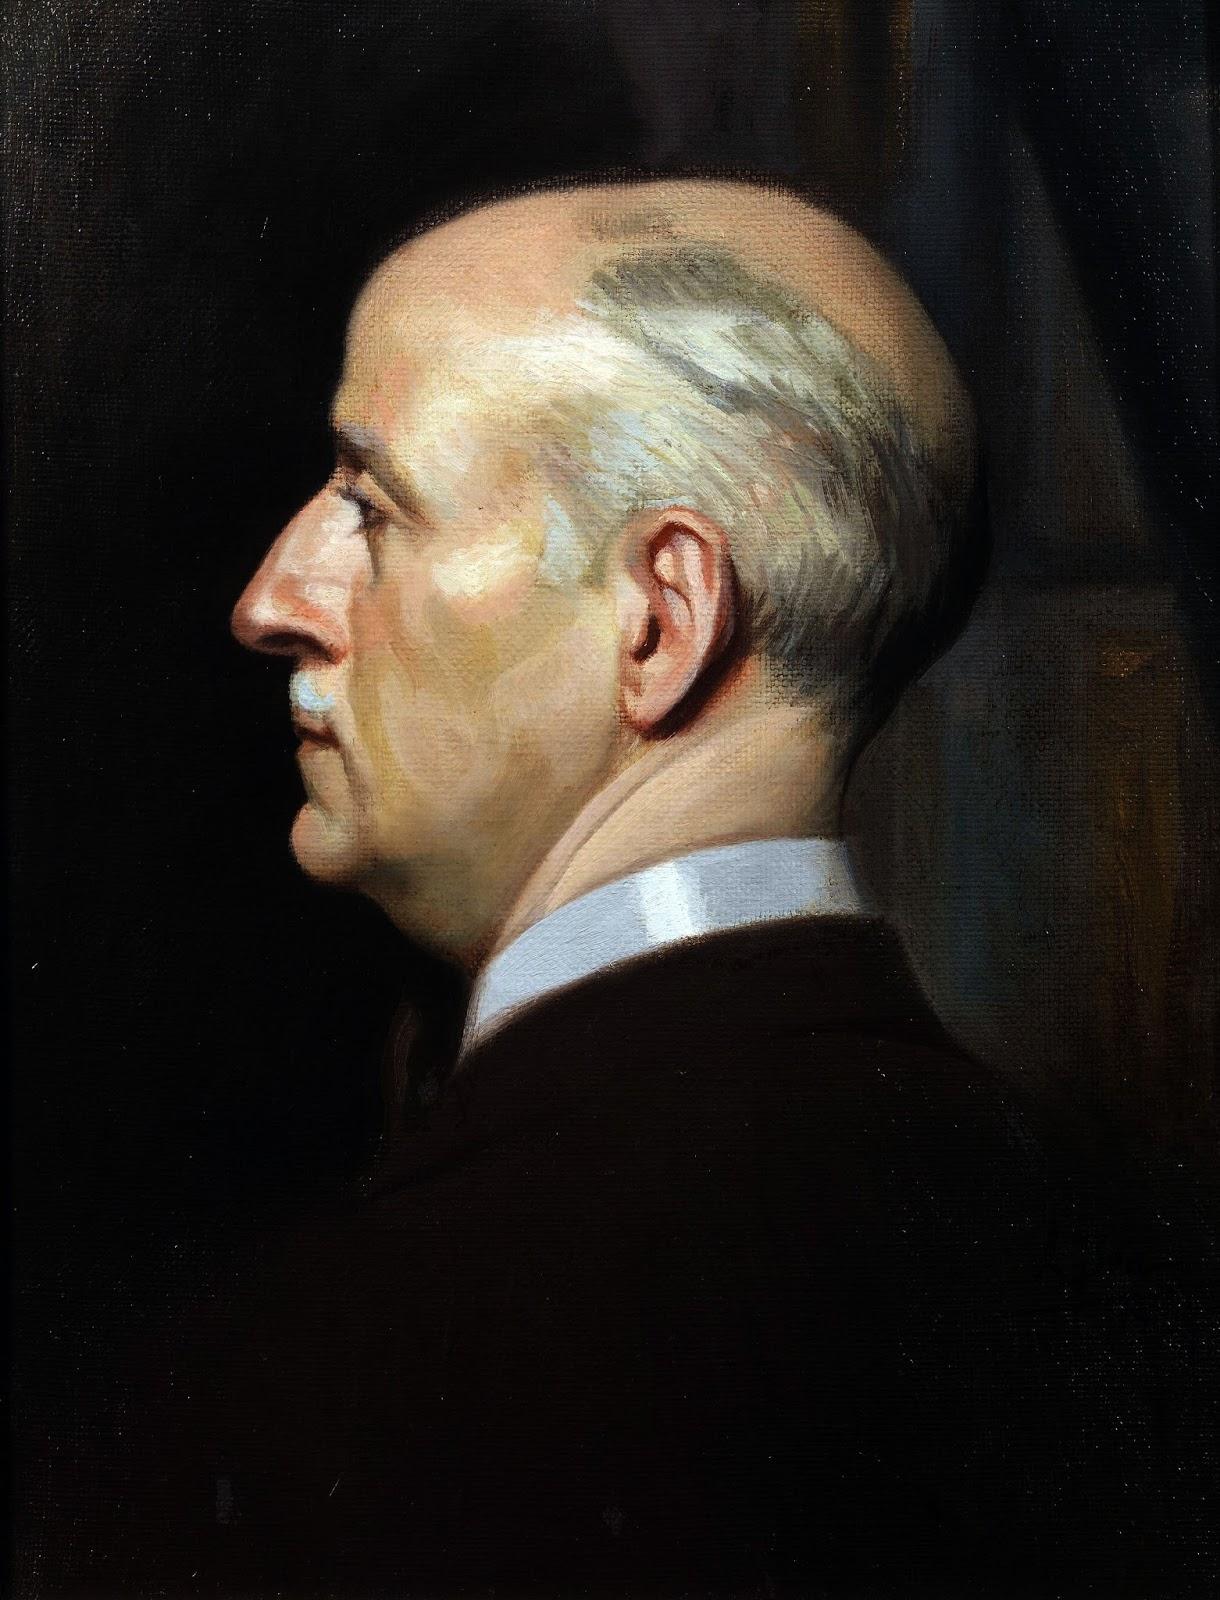 Luis Bea Pelayo, Galería de autorretratos, Pintor español, Pintura española, Pintores Realistas Españoles, Galería de retratos Figurativo